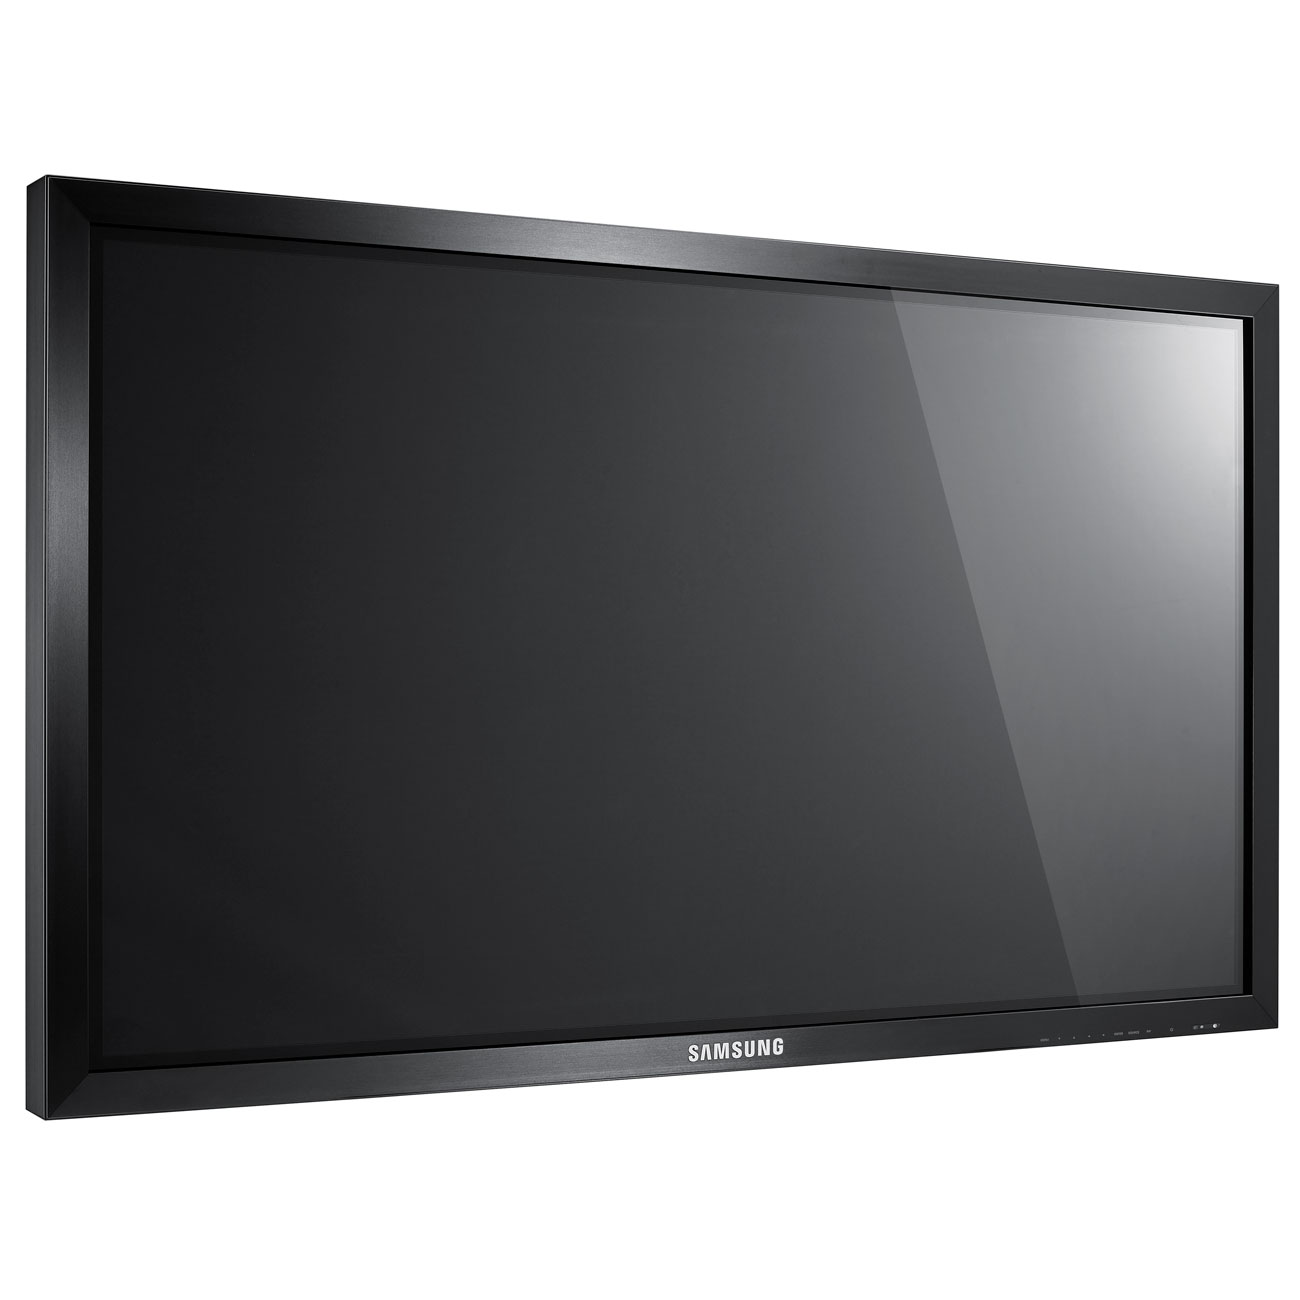 Samsung 65 lcd tactile 650ts 2 ecran dynamique samsung for Ecran samsung dalle ips